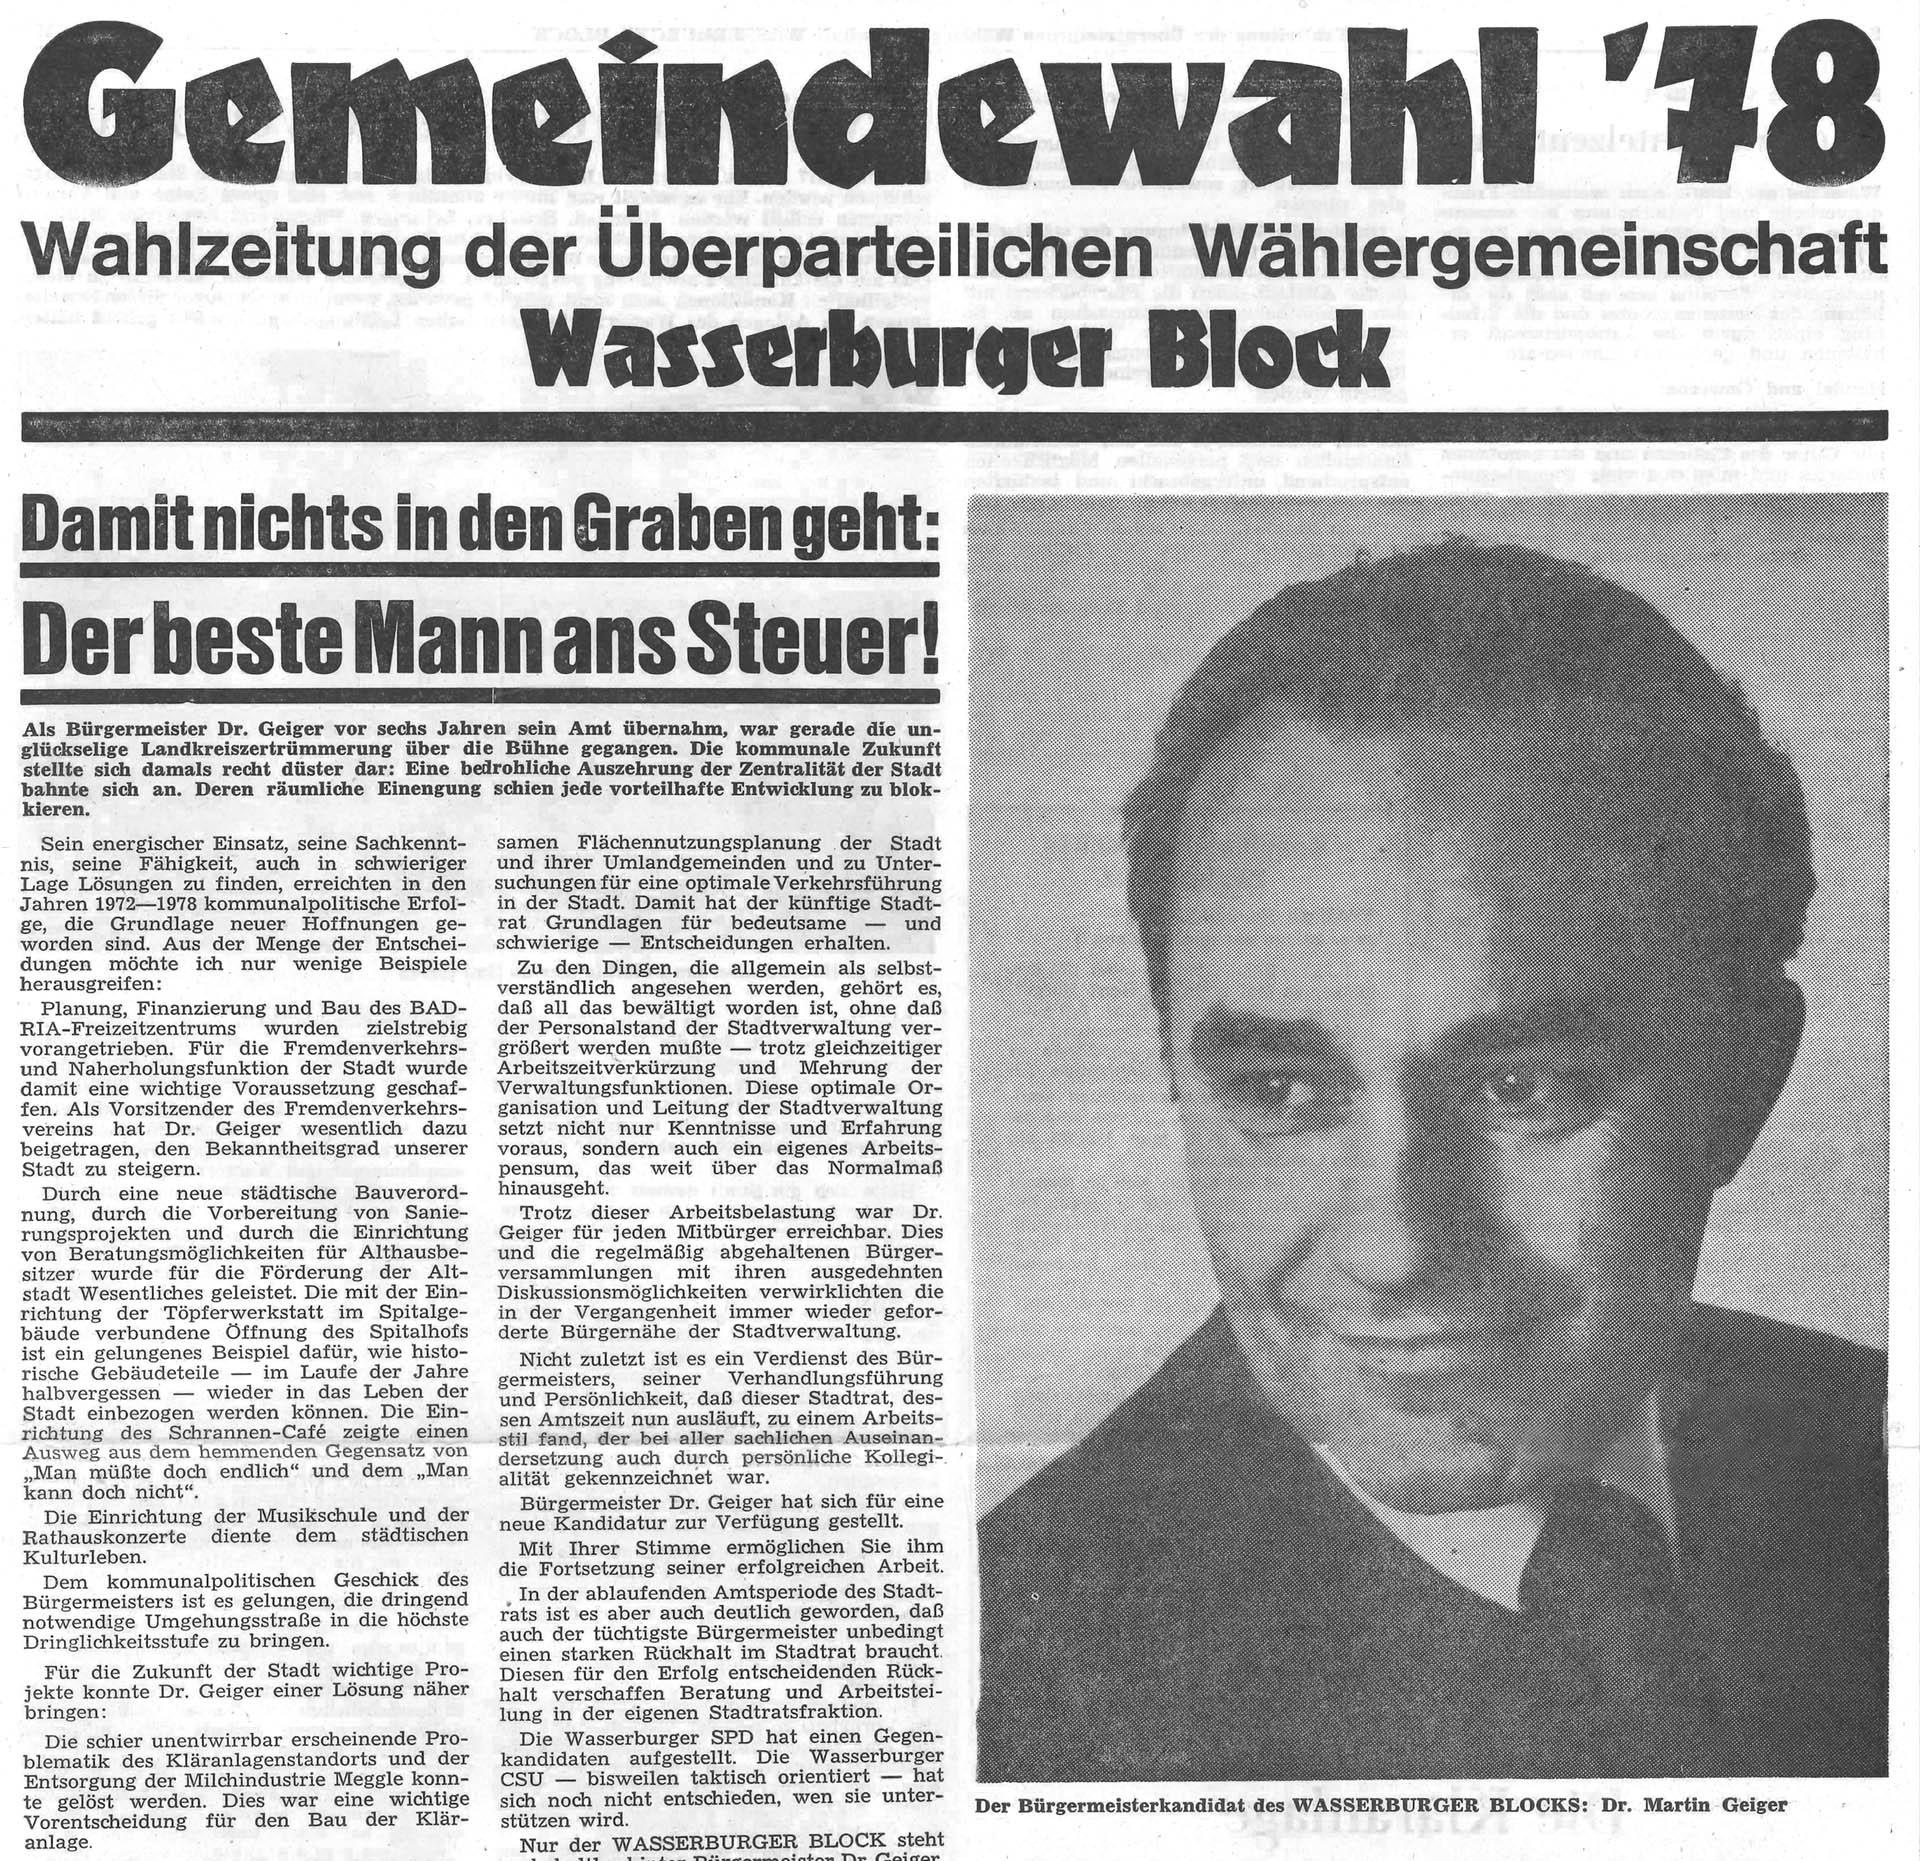 Gemeindewahl 78, Wahlzeitung